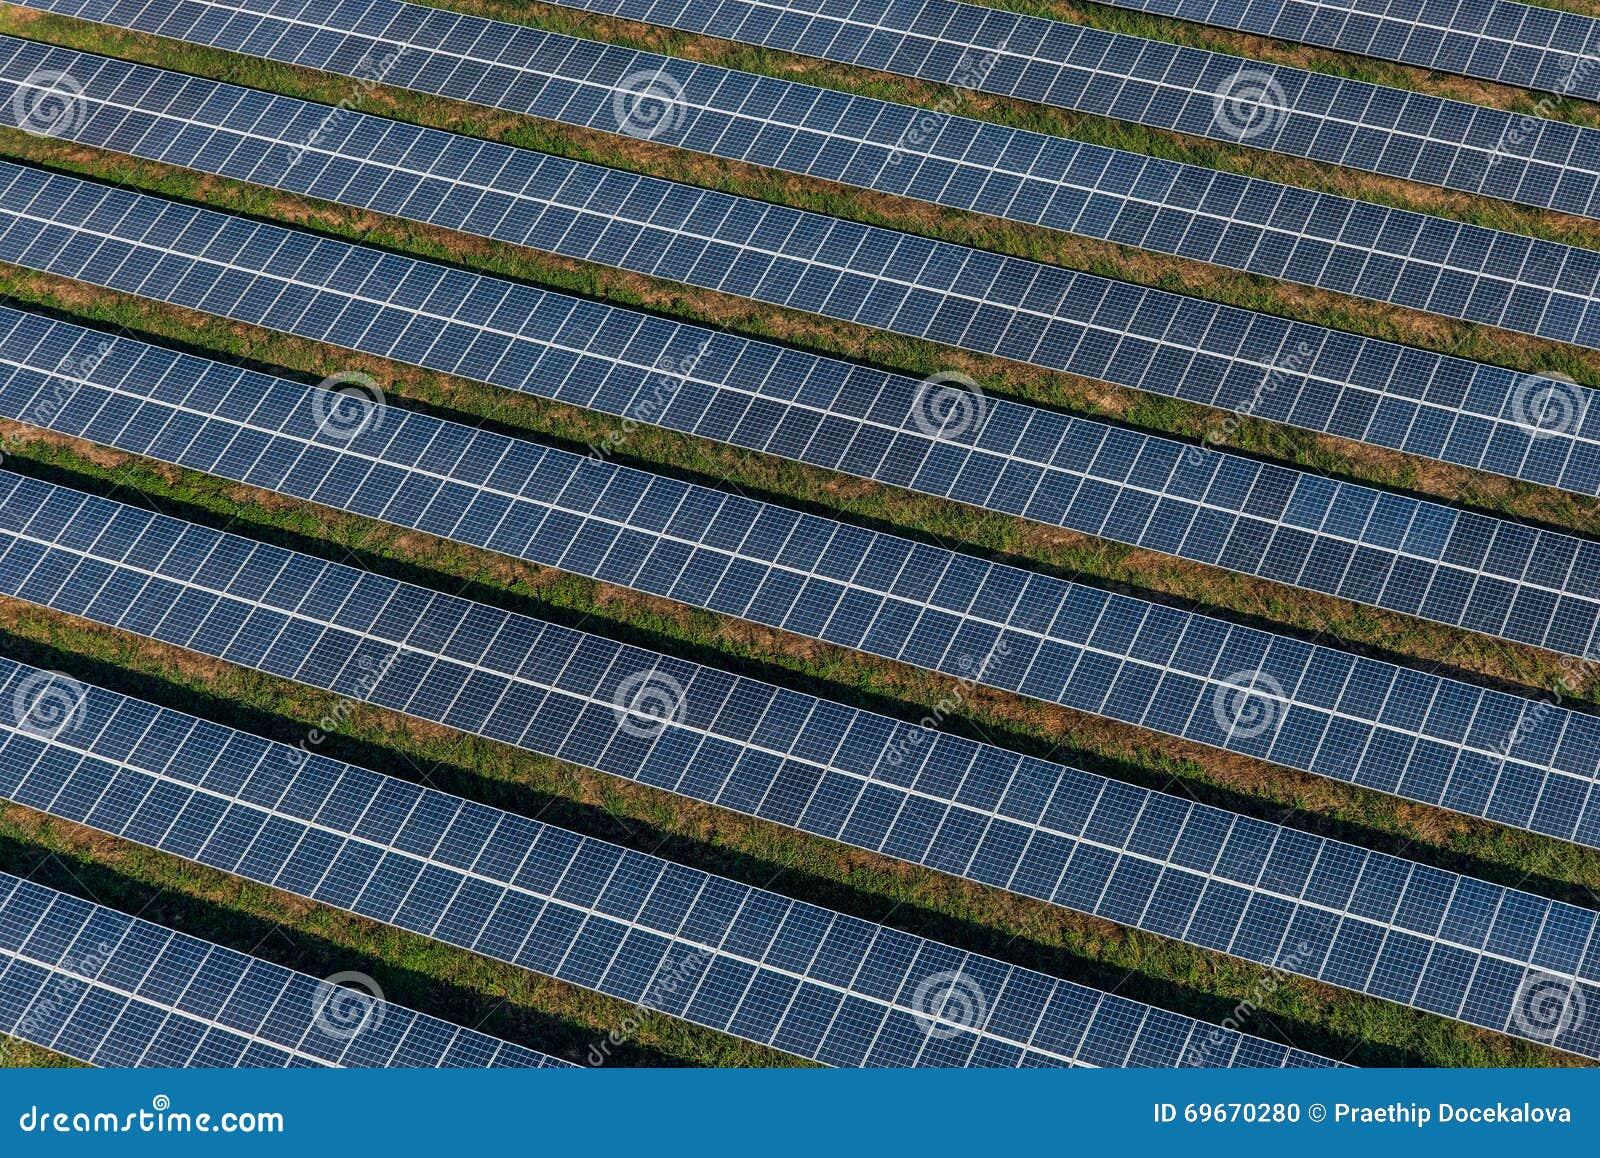 Panneaux solaires, fermes solaires